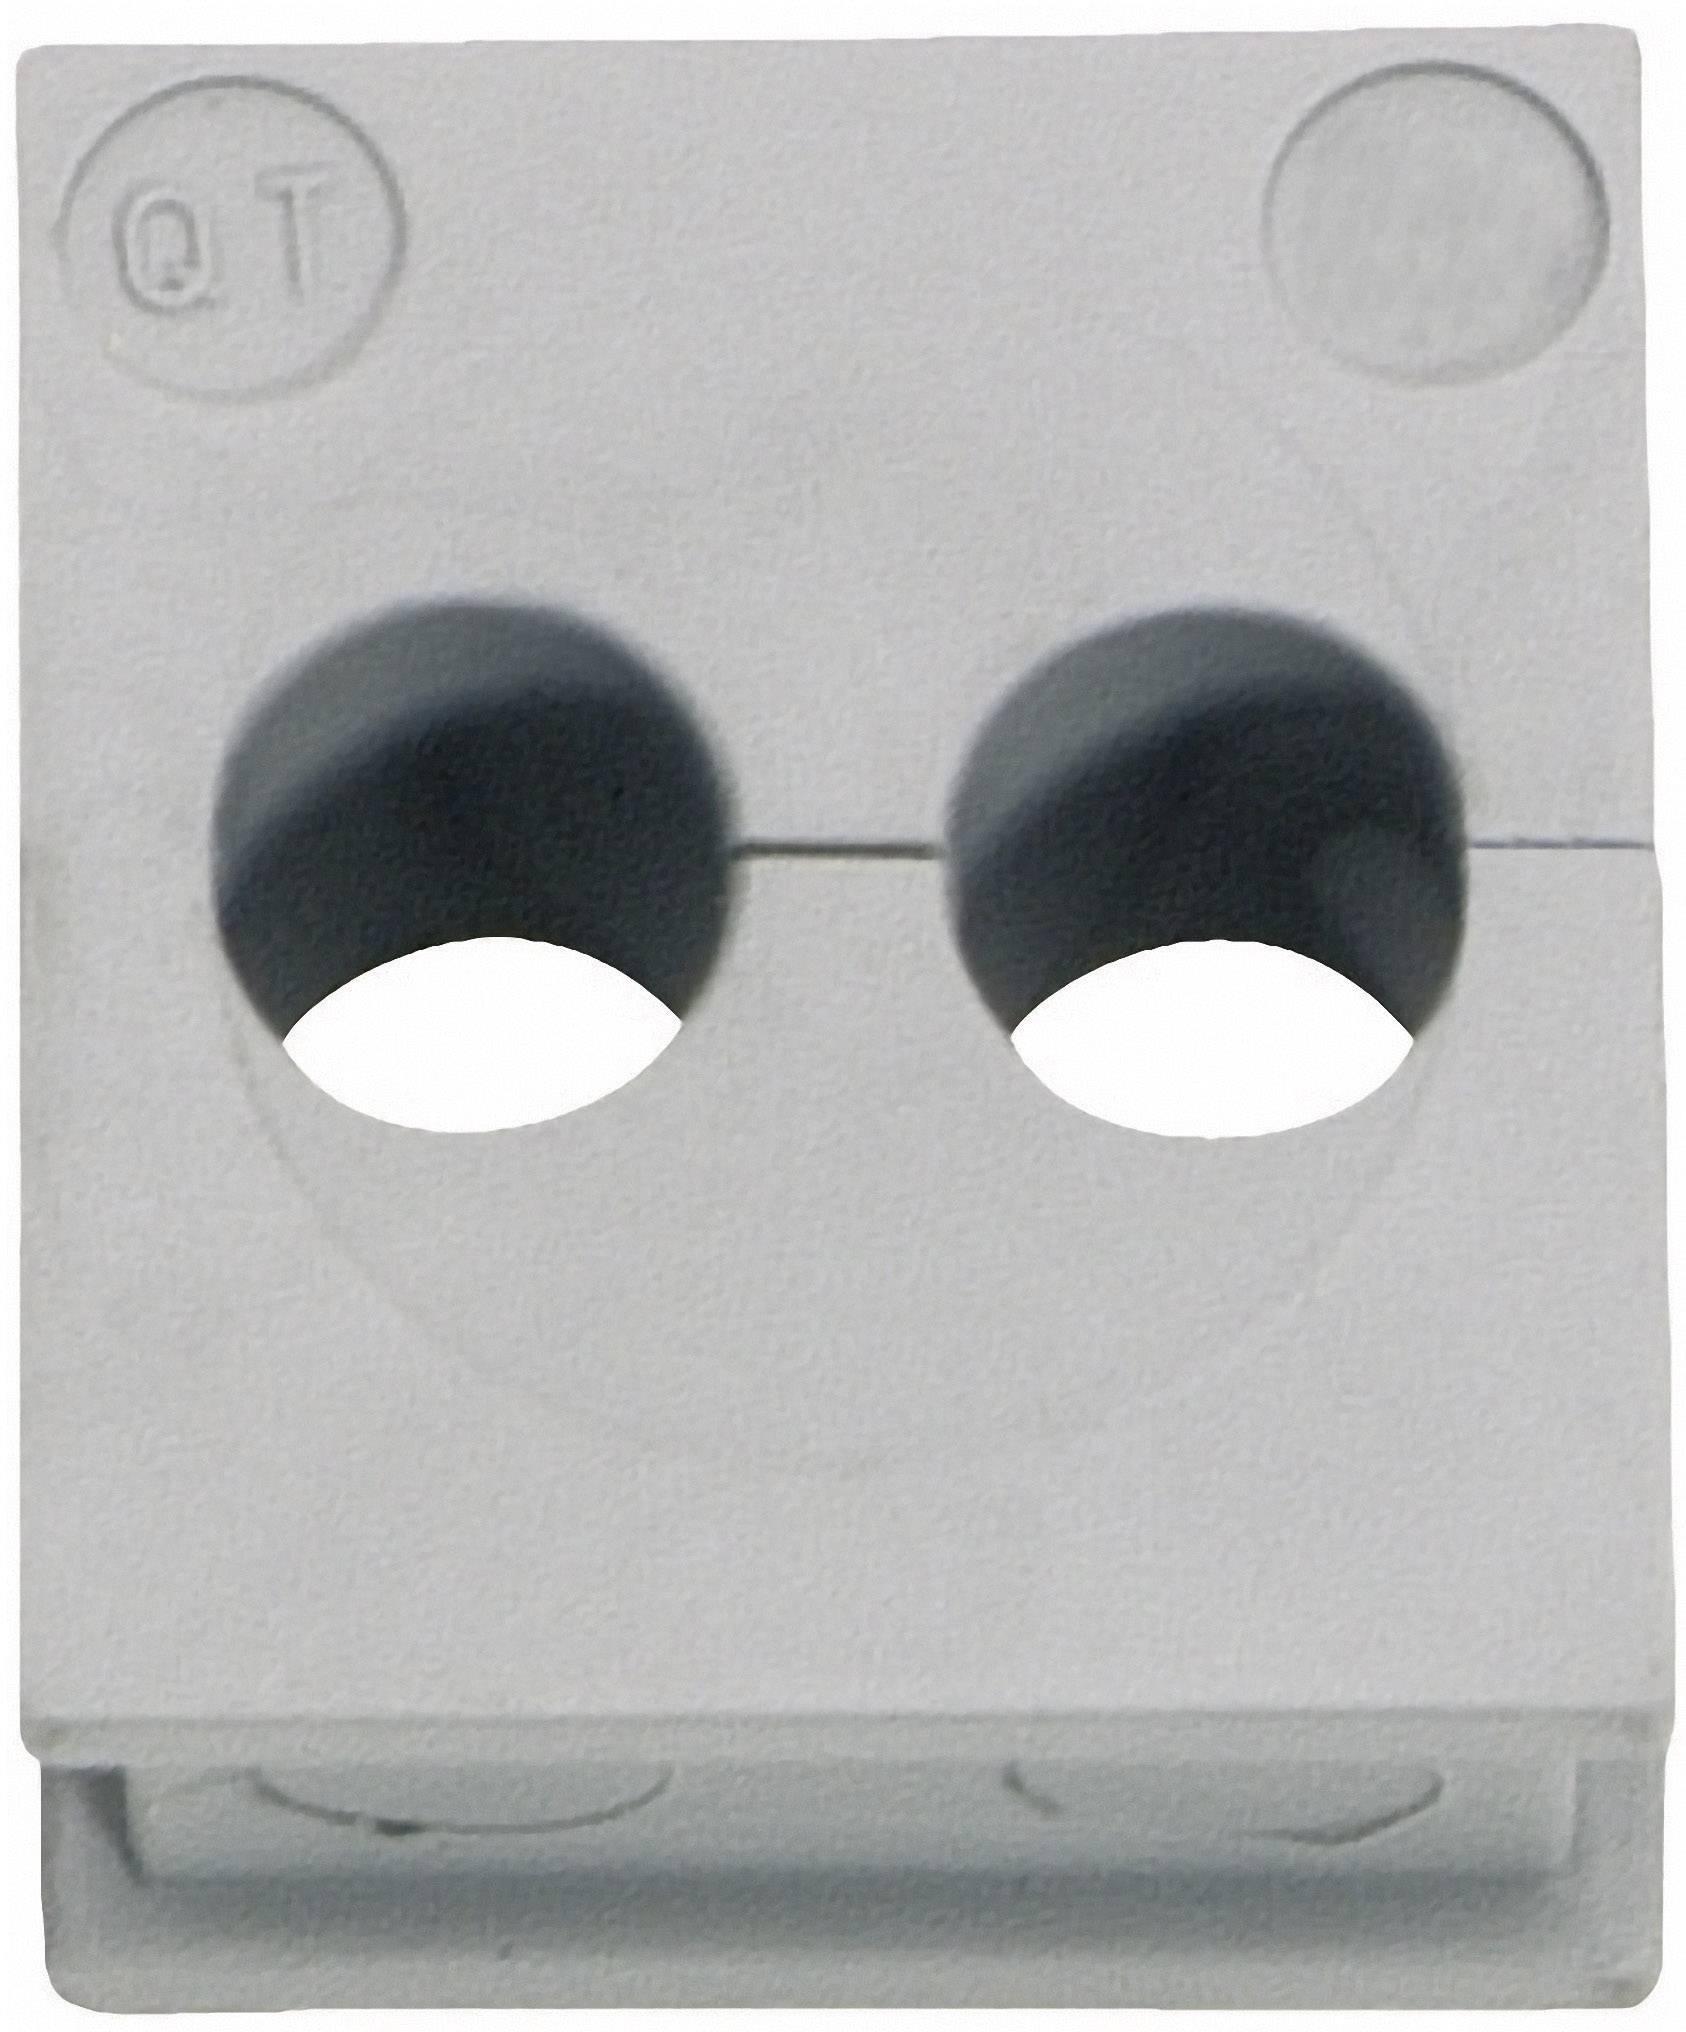 Icotek Kabelska kapa QT QT 2/6 za kabel- 2 x 6 mm, elastomer, siva